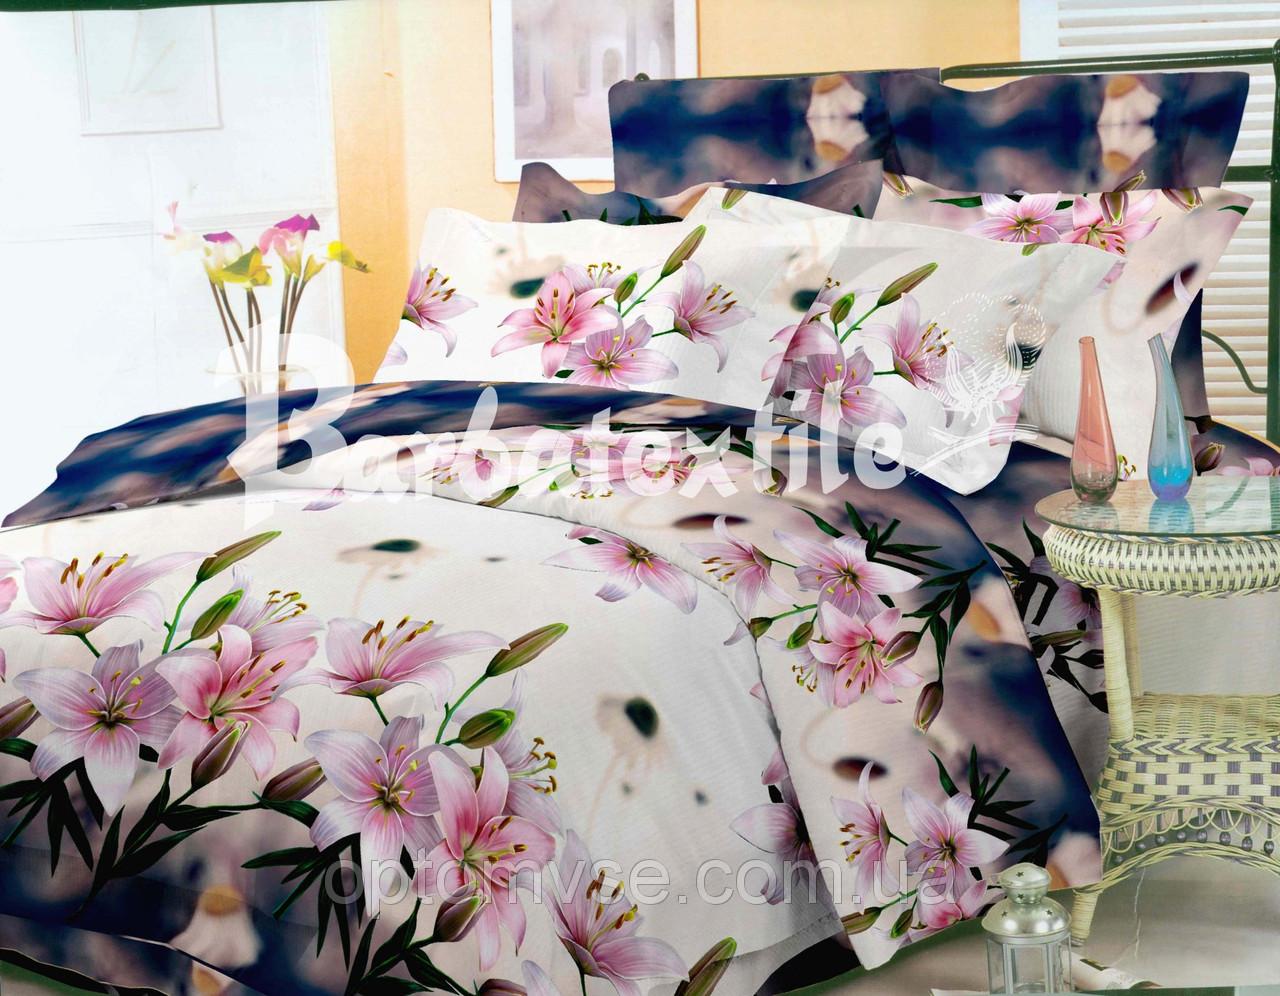 Двуспальное постельное белье 3d - цветы лилии - Асортимент ... 8eb2aef7011cf